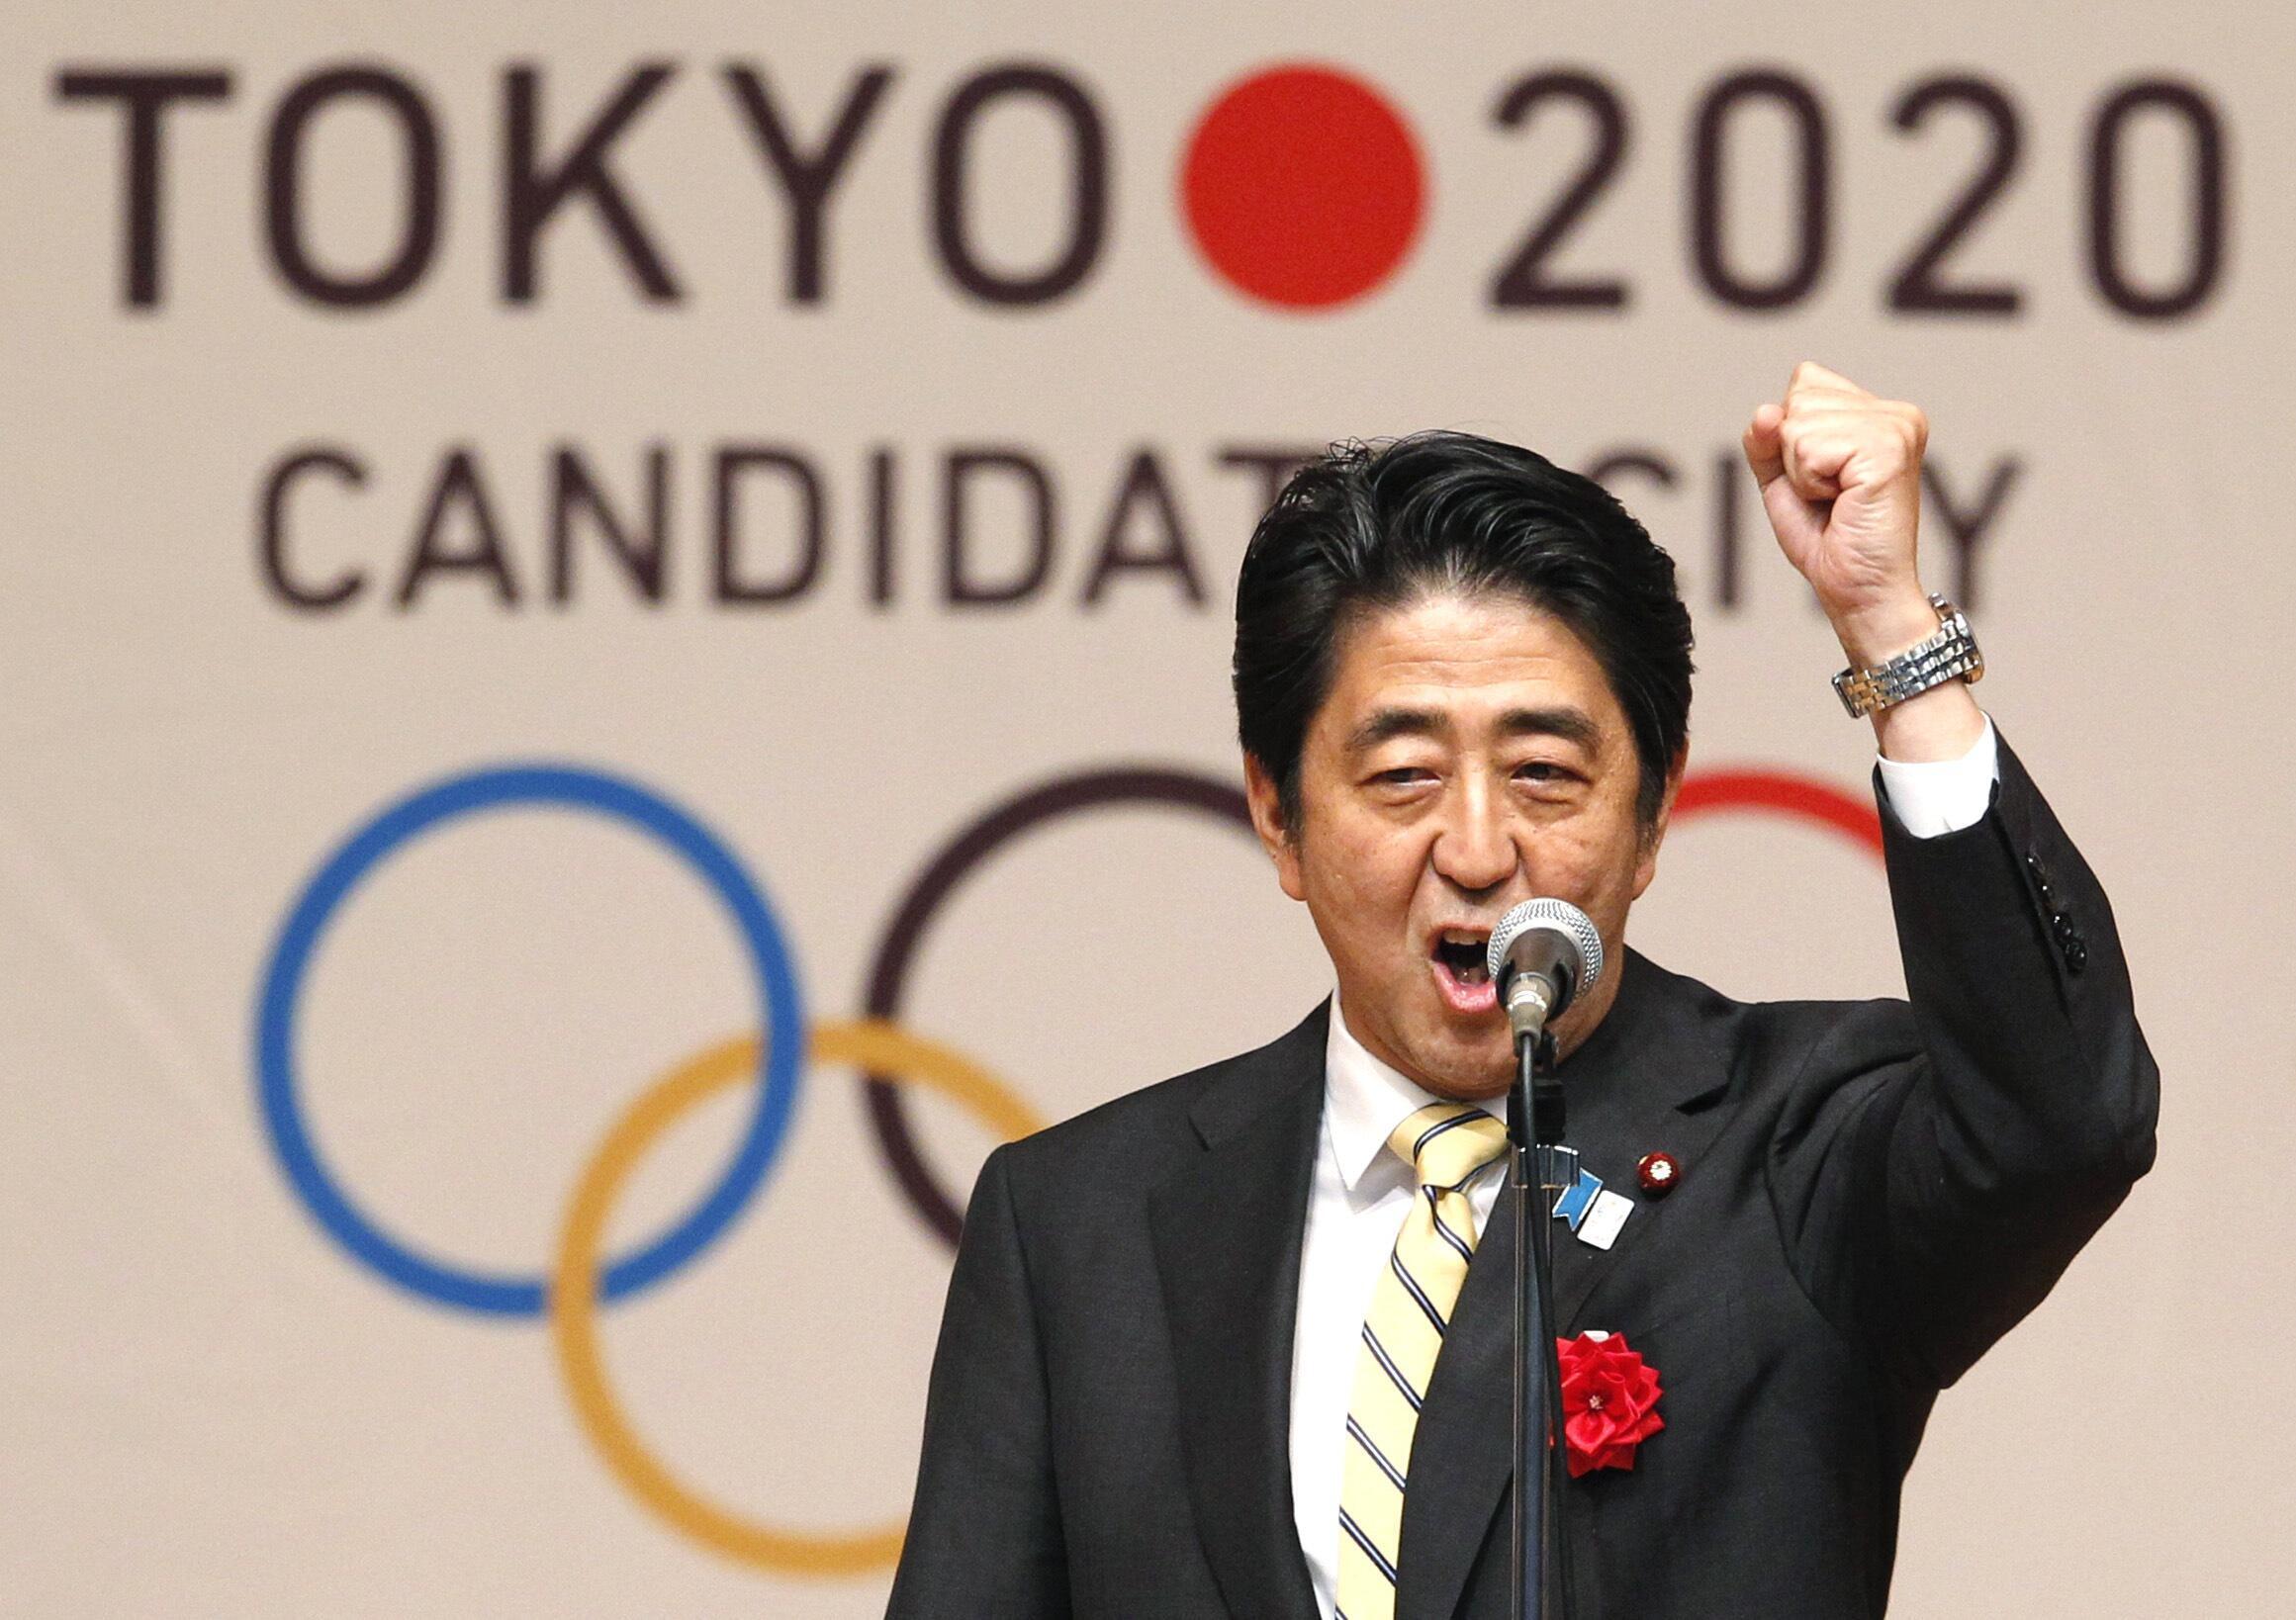 Le Premier ministre du Japon, Shinzo Abe, lors de la dernière présentation de la candidature de Tokyo, le 23 août 2013.